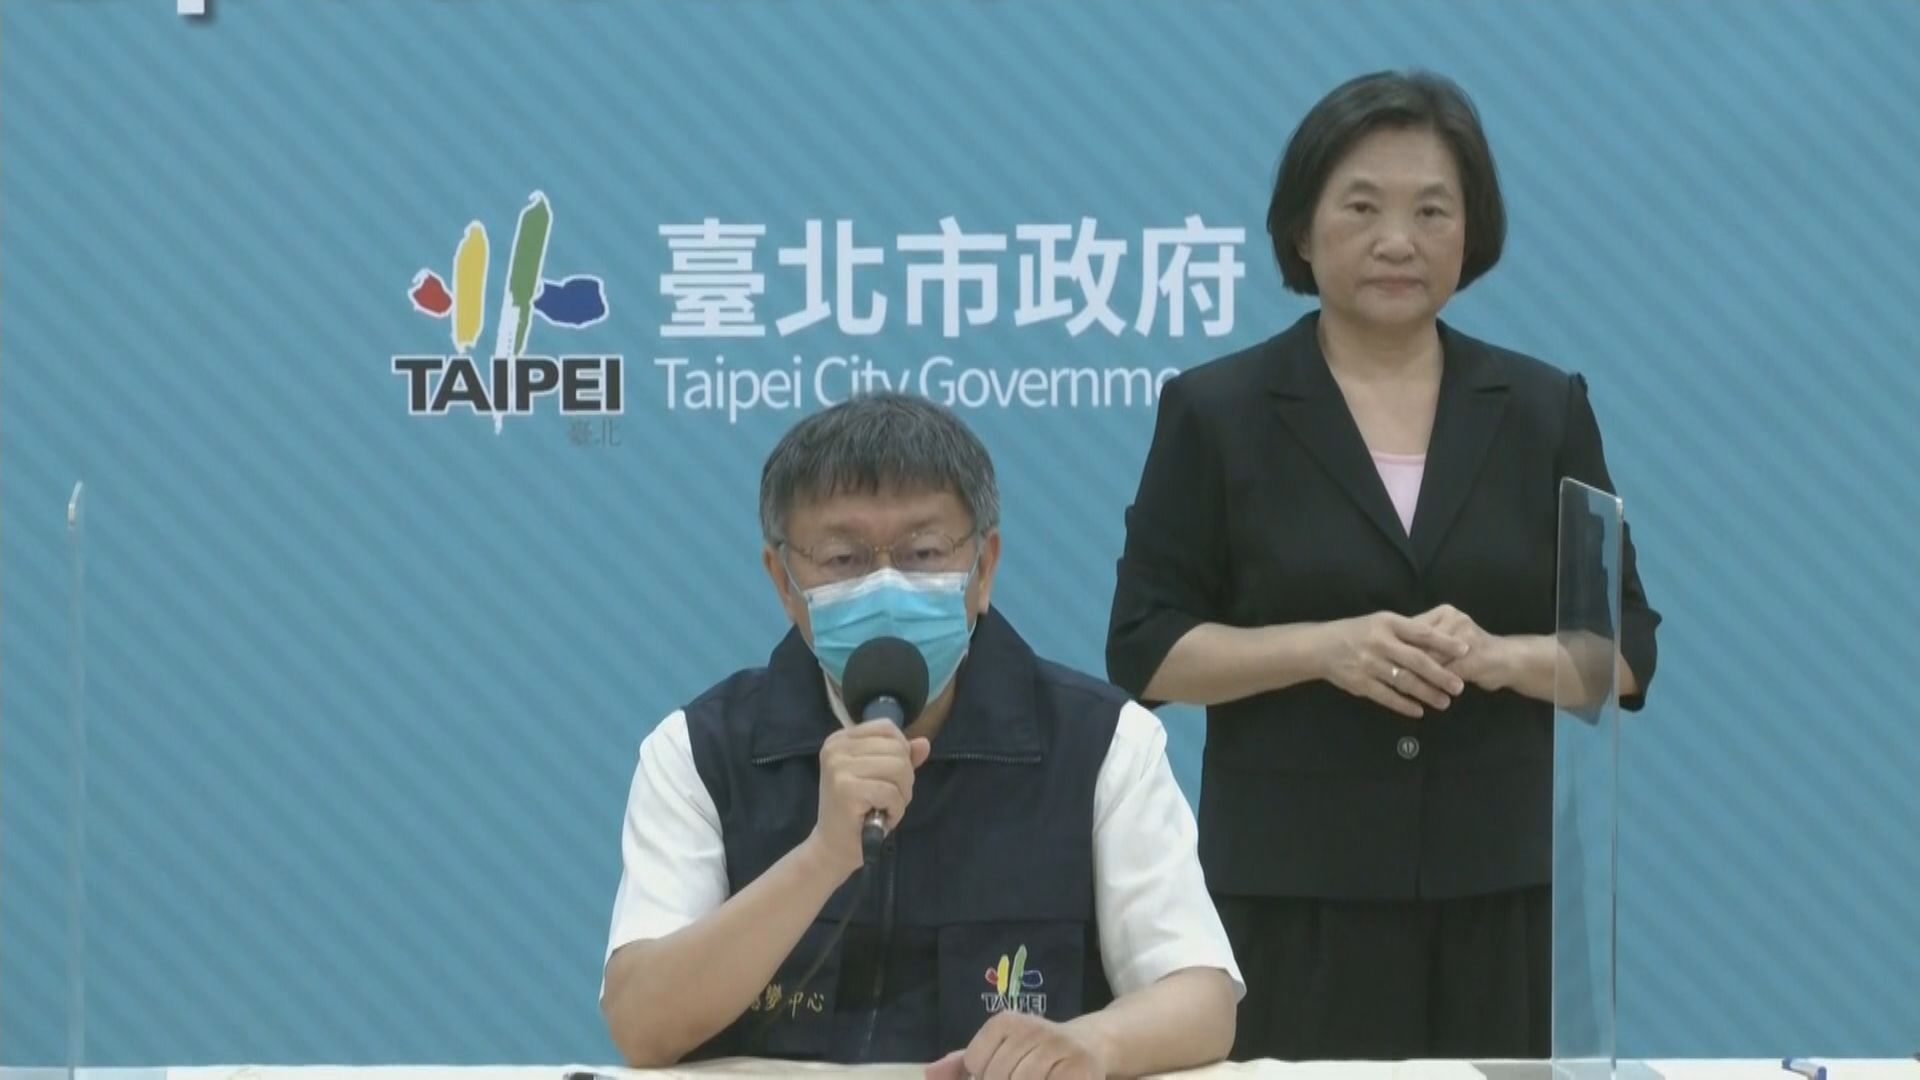 台灣增逾三百宗本土病例 柯文哲籲自發封城抗疫